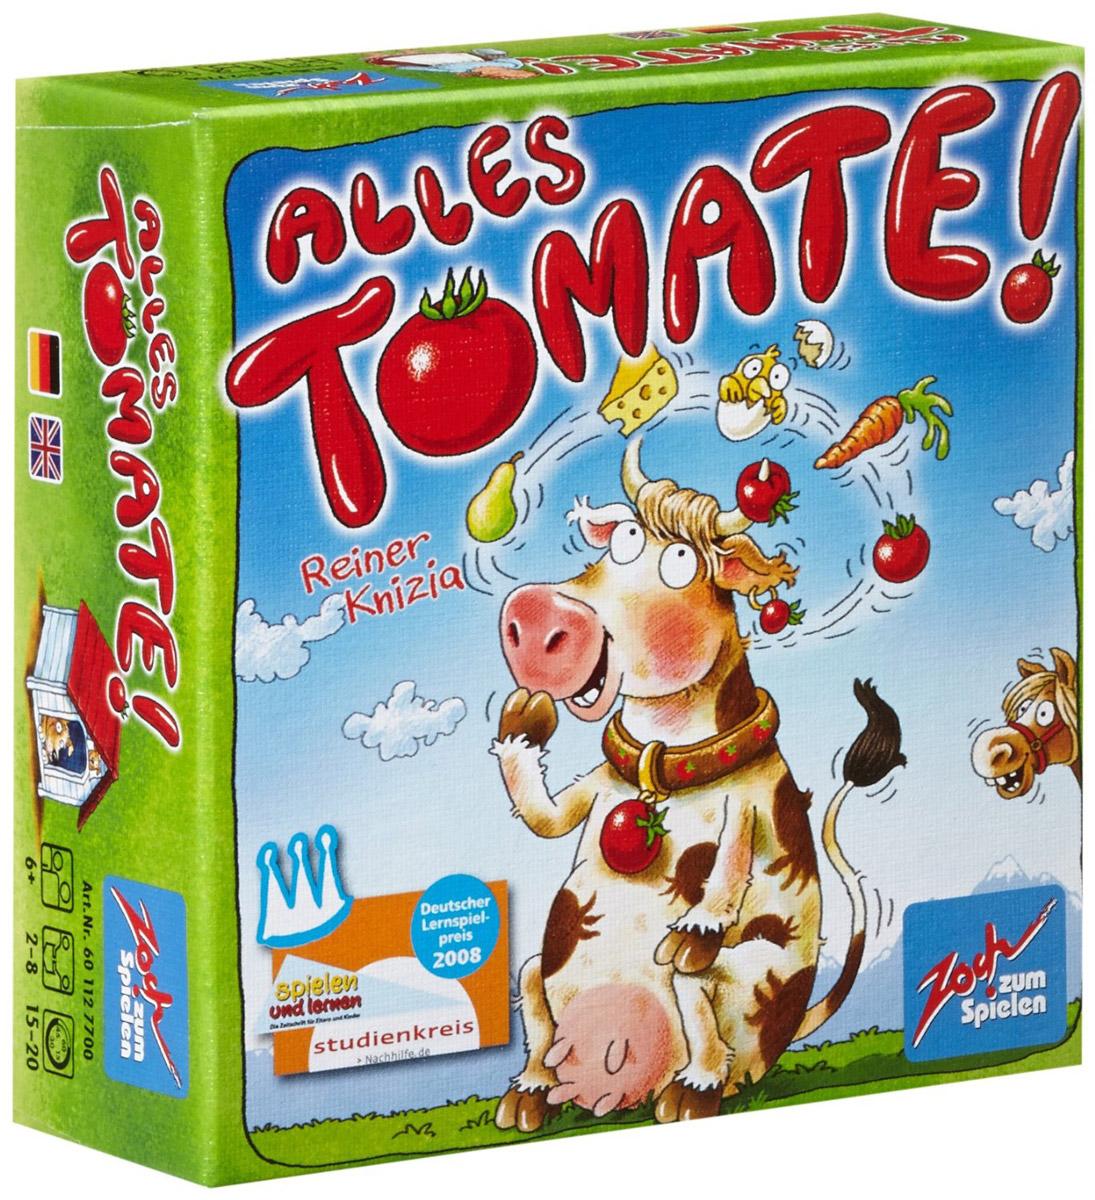 Zoch Настольная игра Аллес Томате4015682277004Настольная игра Zoch Аллес Томате - это быстрая игра на память, а главное реакцию. Легкомысленная и динамичная, с симпатичным оформлением. На этот раз тема - фермерское хозяйство - соответственно на картах будут изображения разнообразных плодов, домашних животных, аппетитных продуктов и прочих сельскохозяйственных прелестей. Игроки должны запоминать предметы, находящиеся на закрытых картах, а в момент появления из колоды карты той же темы, первыми выкрикнуть название предмета с закрытой карты. Время игры: 15-20 минут. Состав игры: 7 тематических карт с фоном 7 разных цветов, 49 фермерских карт с фоном 7 разных цветов.